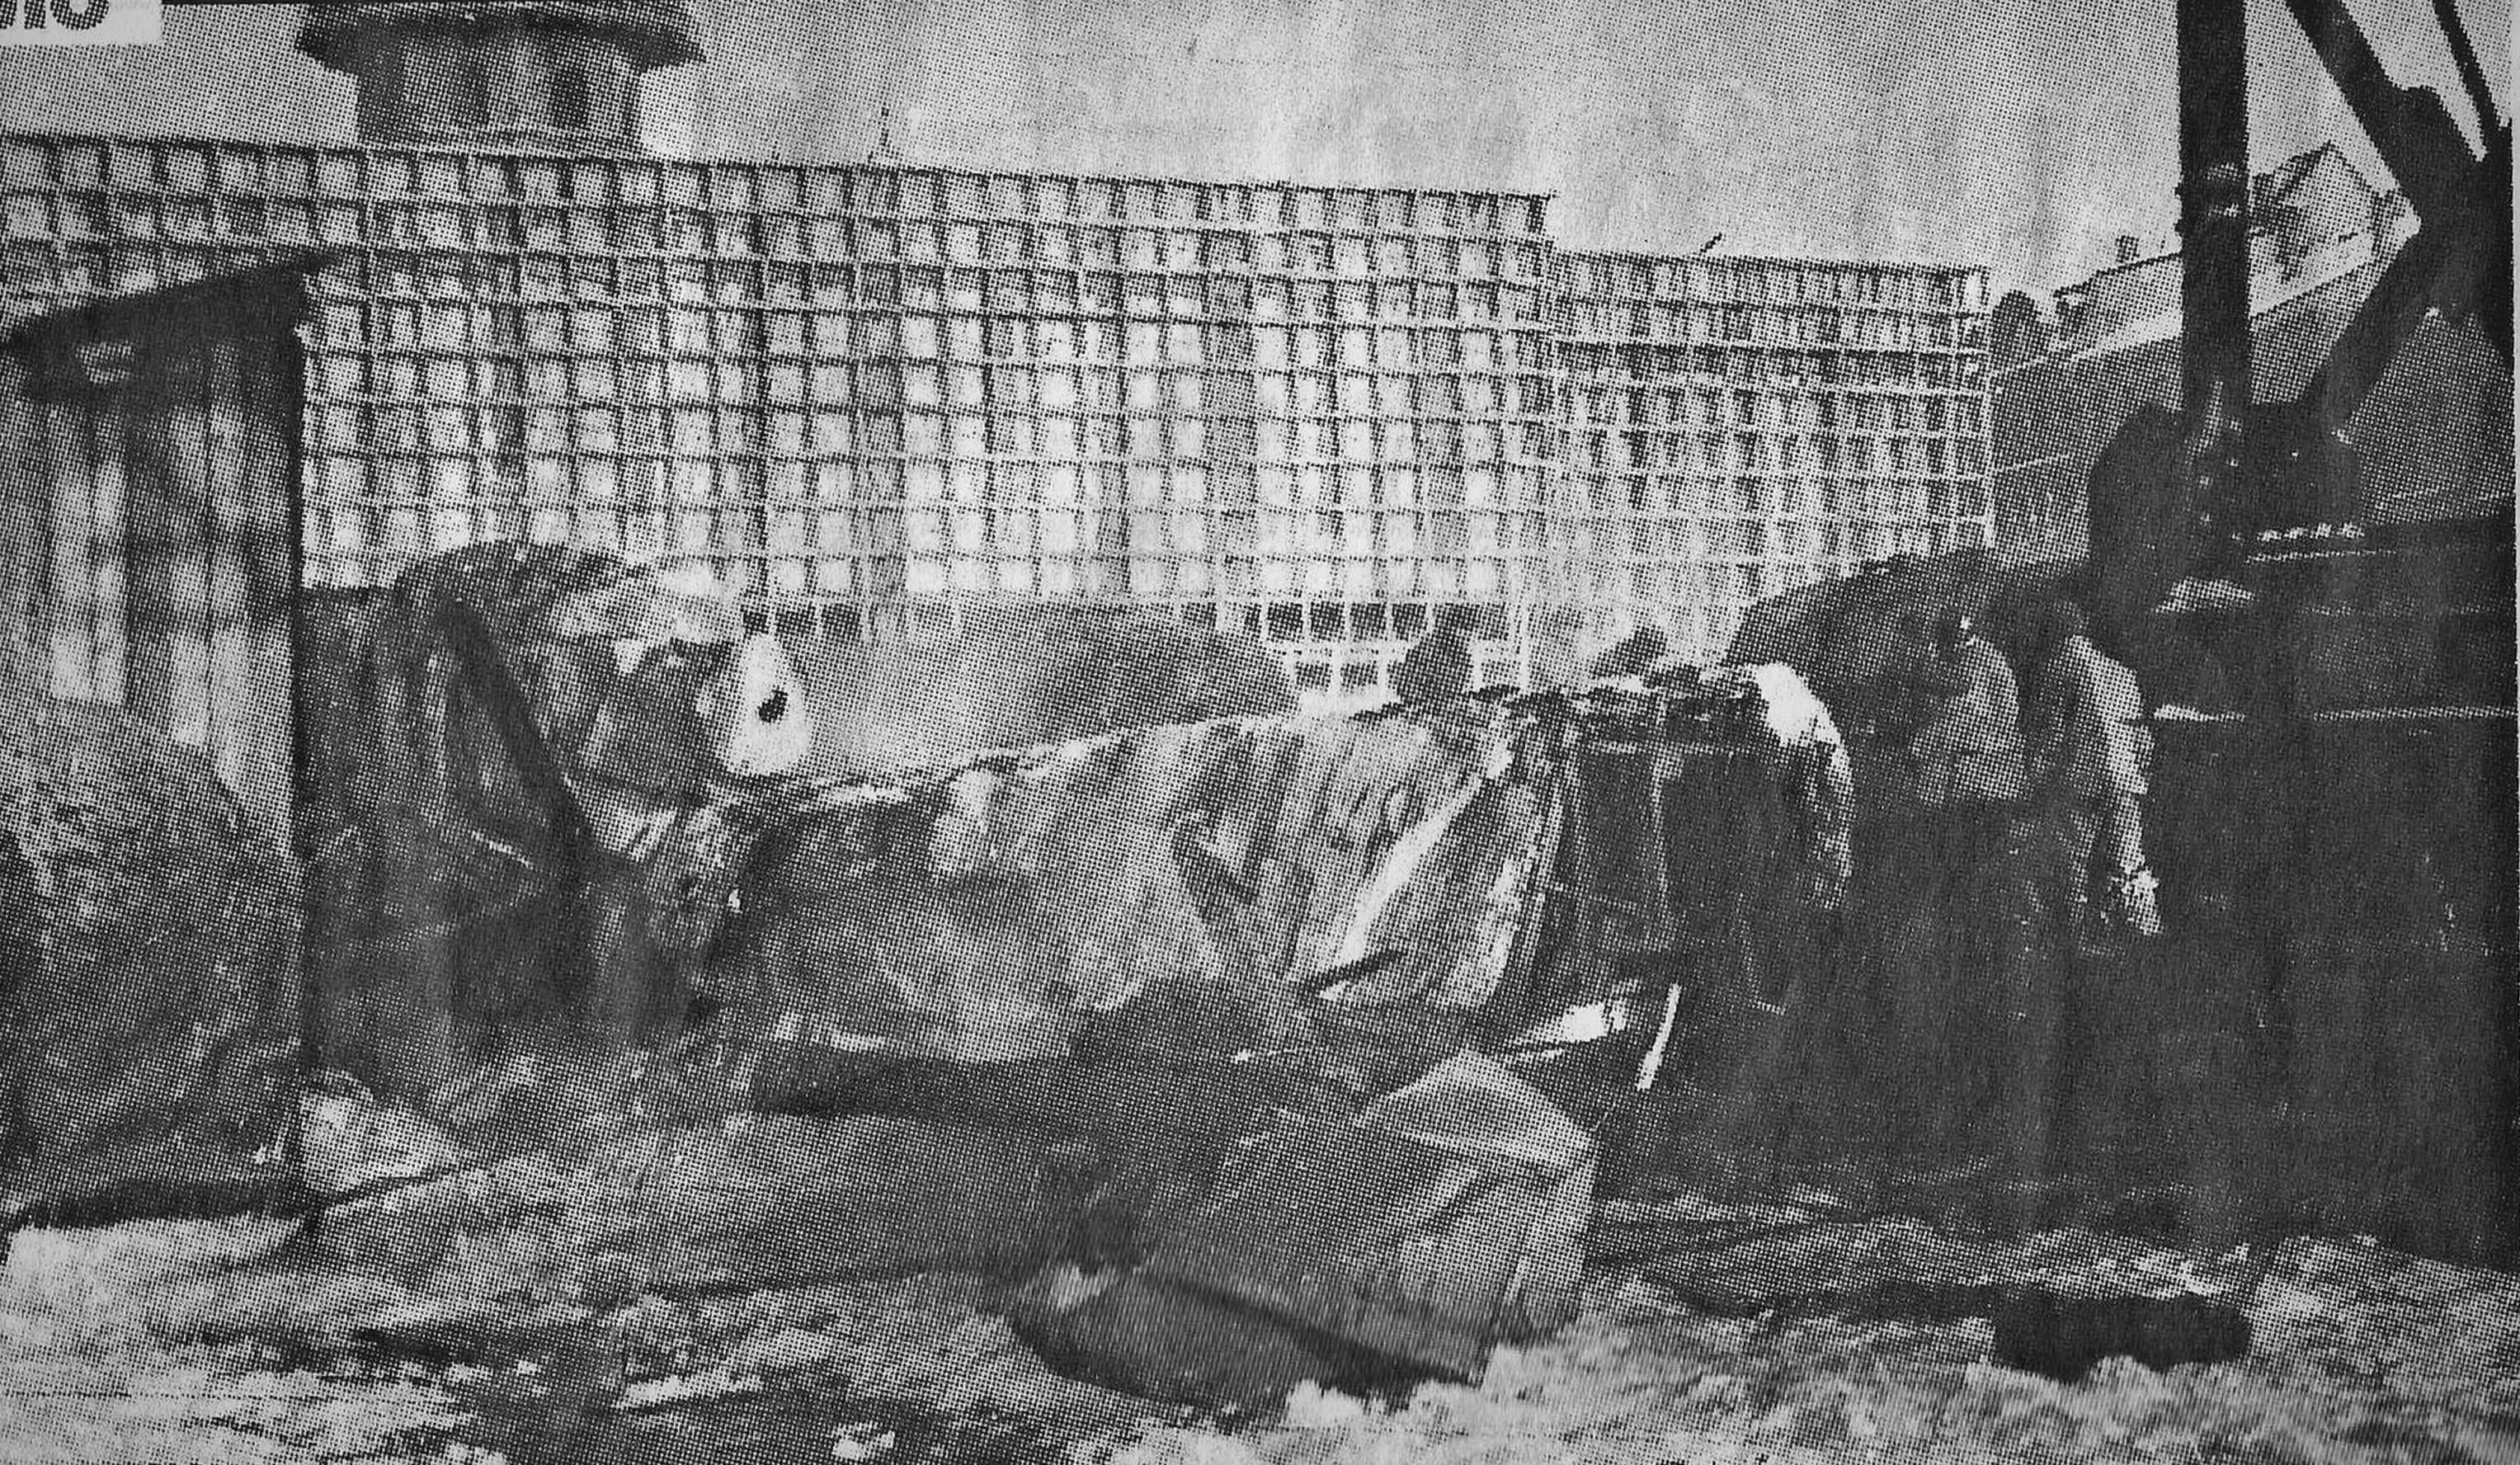 памятник стрелкам пожар Рига